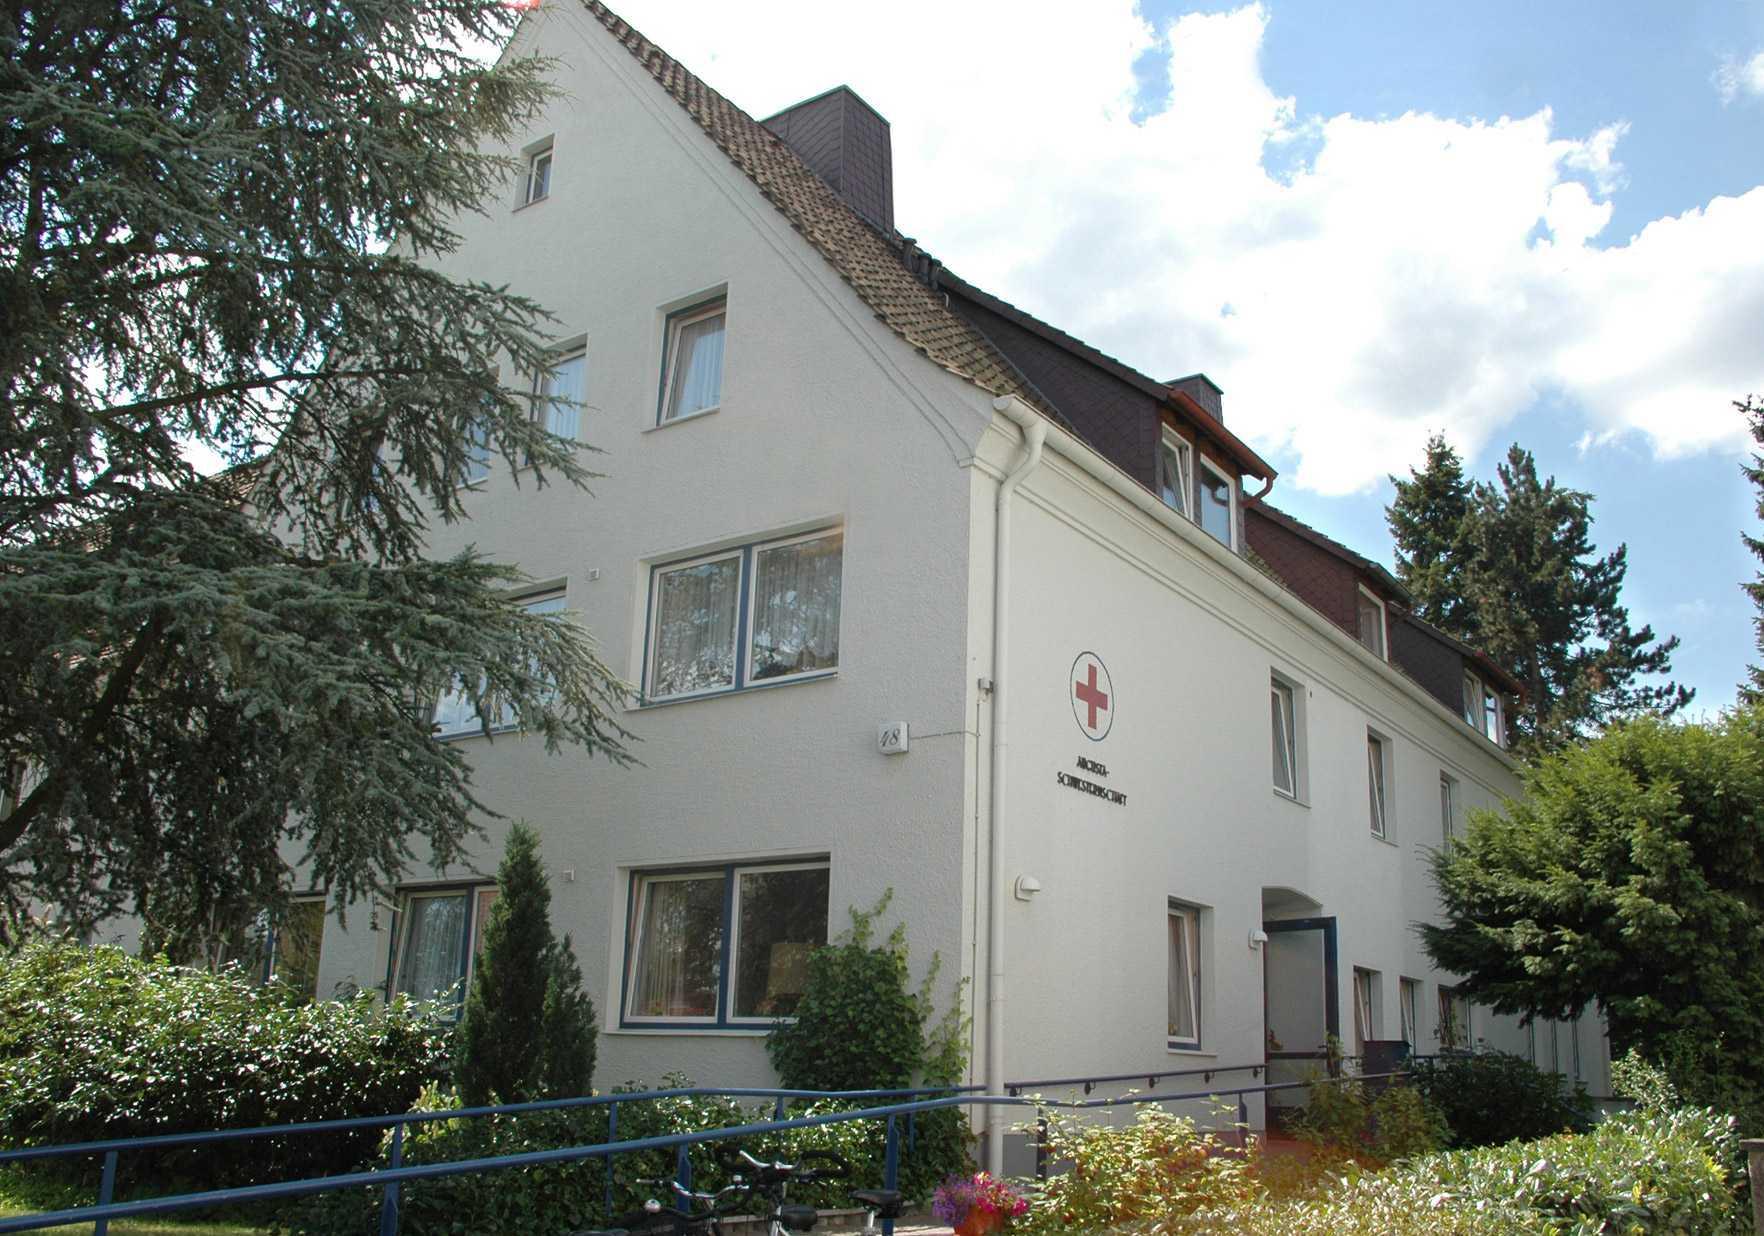 In unserem Mutterhaus in der Heinrich-Heine-Straße haben wir 78 Pflegeplätze. Diese sind auf zwei Häuser aufgeteilt, einige Zimmer befinden sich auch im Augusta-Haus, das mit dem dem im Mutterhaus befindlichen Alten- und Pflegeheim durch einen Glastunnel verbunden ist.